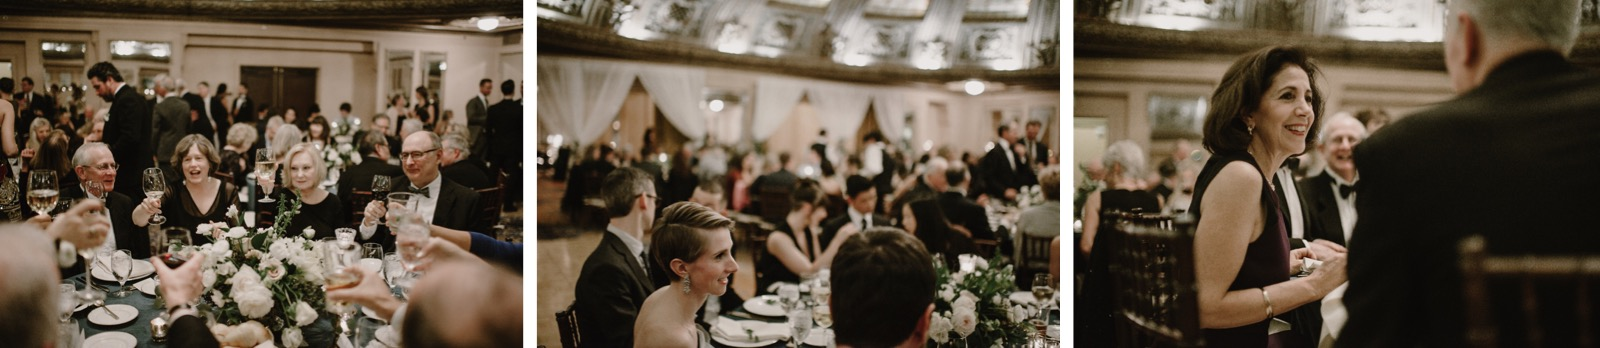 109_Arctic_Club_Wedding_Seattle_216_Arctic_Club_Wedding_Seattle_217_Arctic_Club_Wedding_Seattle_215.jpg